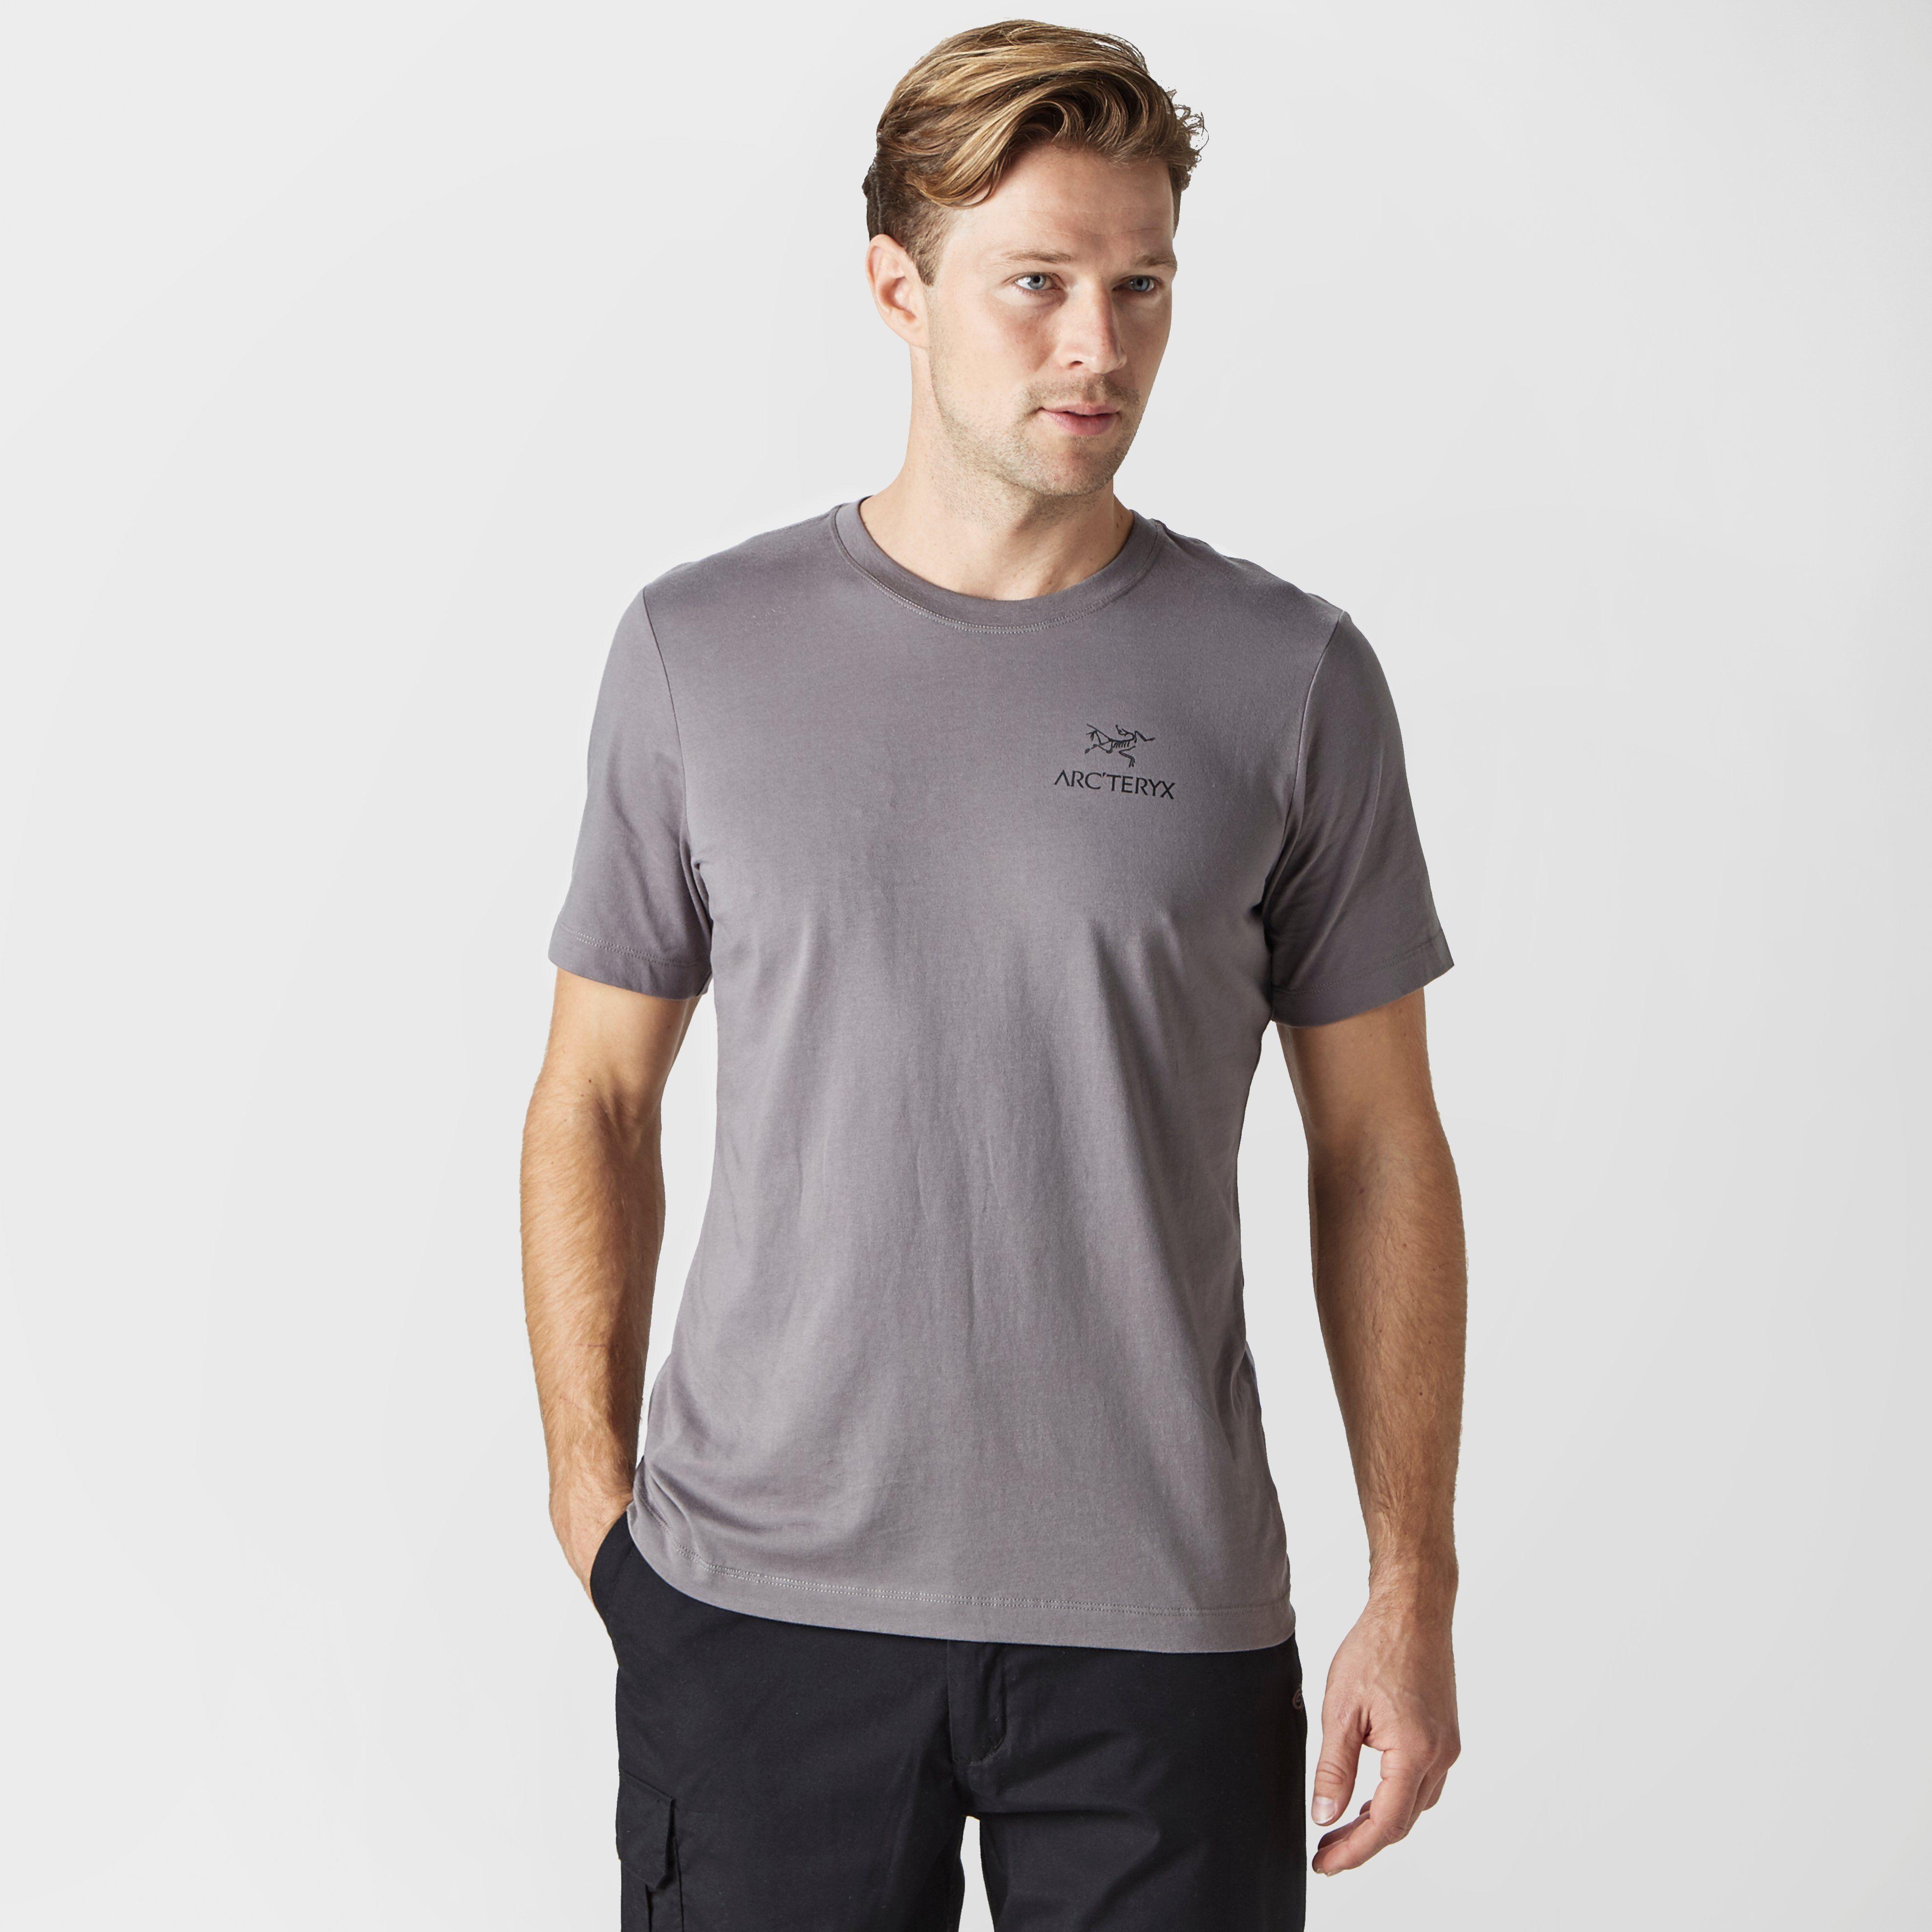 ARC'TERYX Men's Emblem T-Shirt